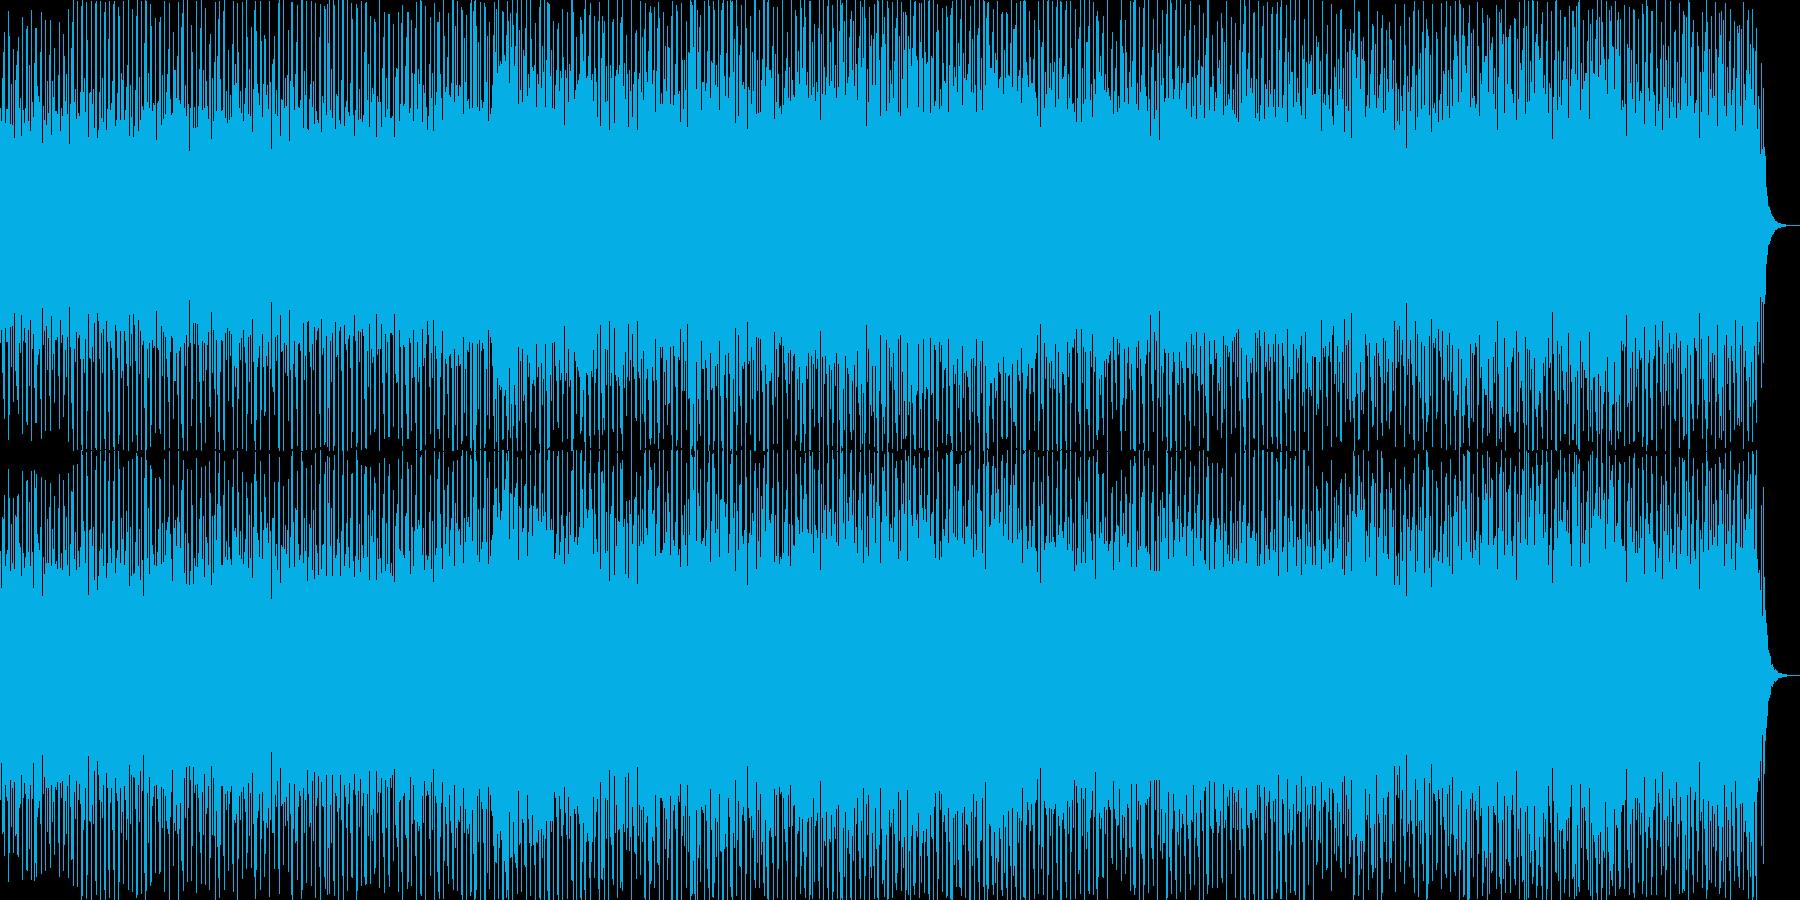 オープニングイメージの希望を感じるBGMの再生済みの波形